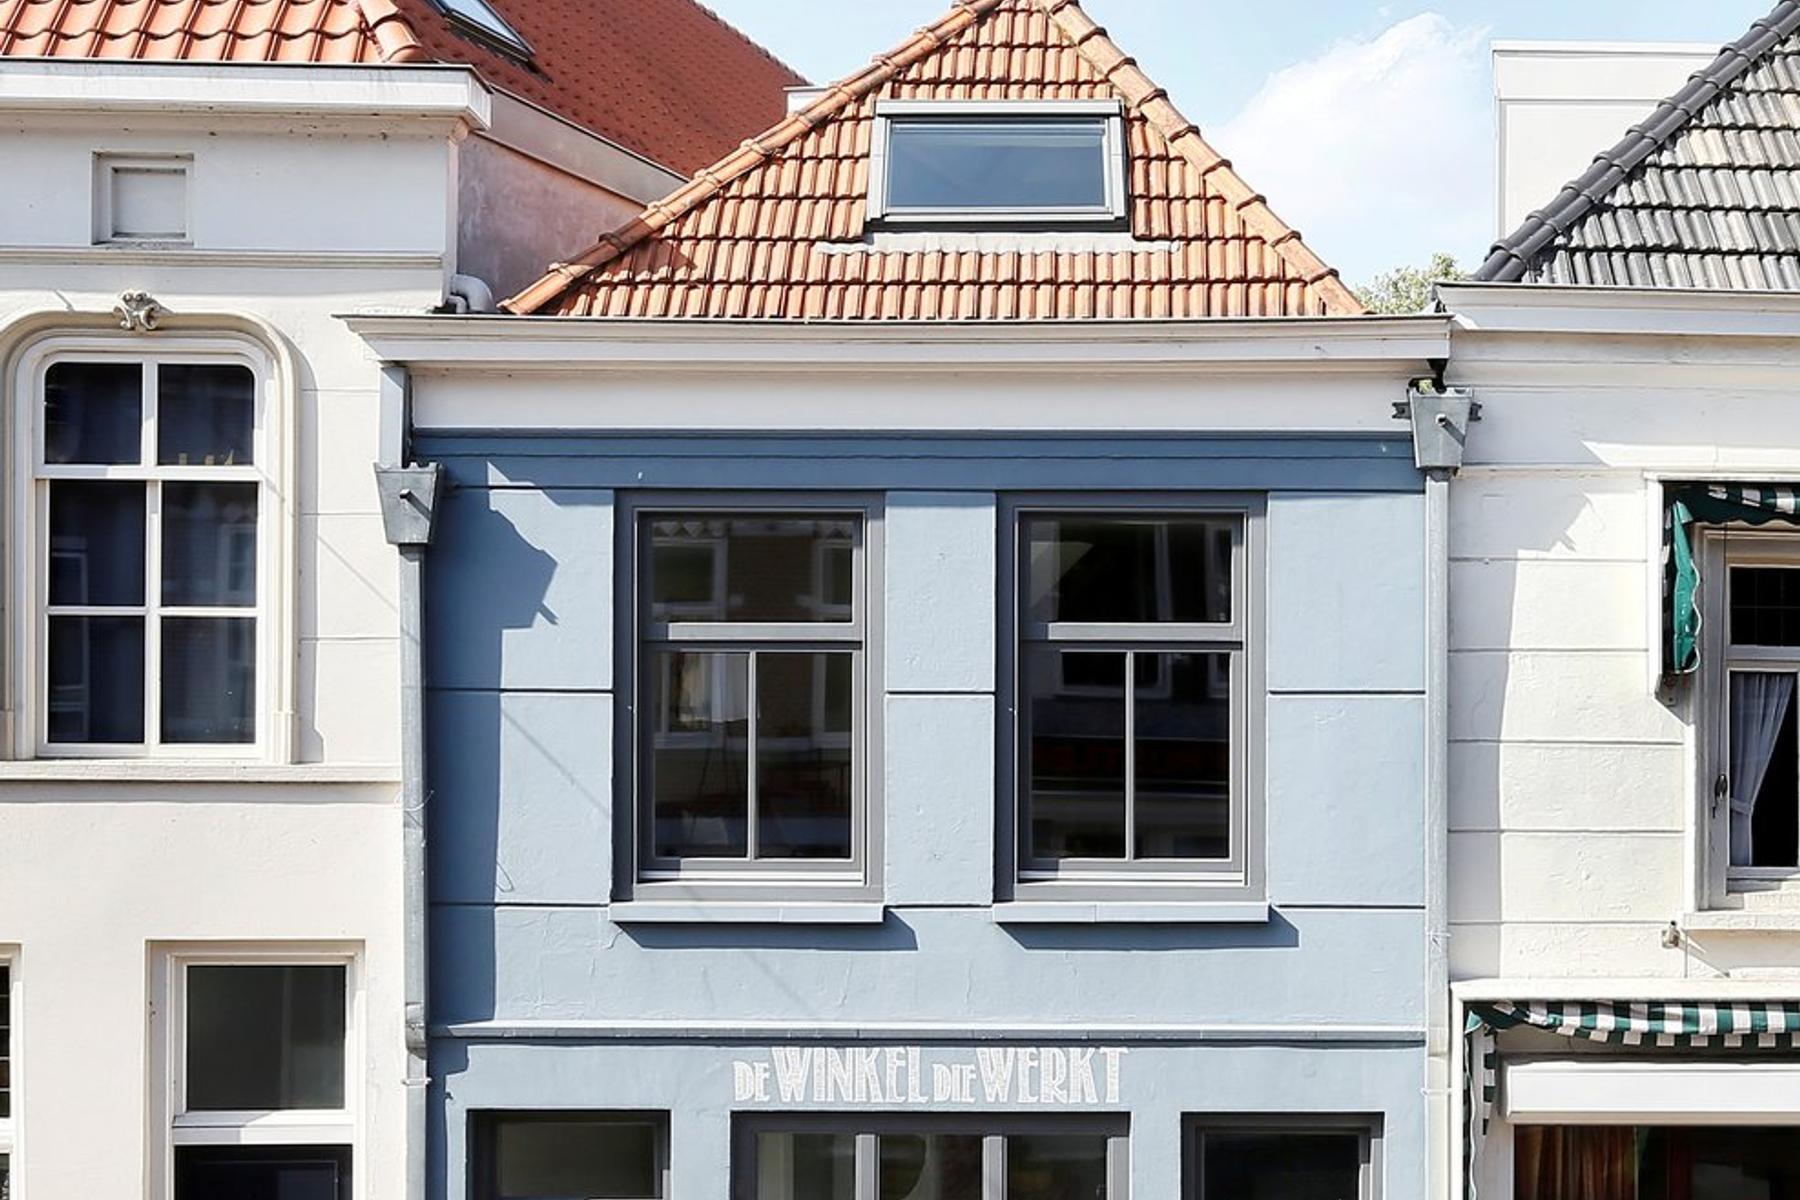 Hinthamereinde 46 A in 'S-Hertogenbosch 5211 PN